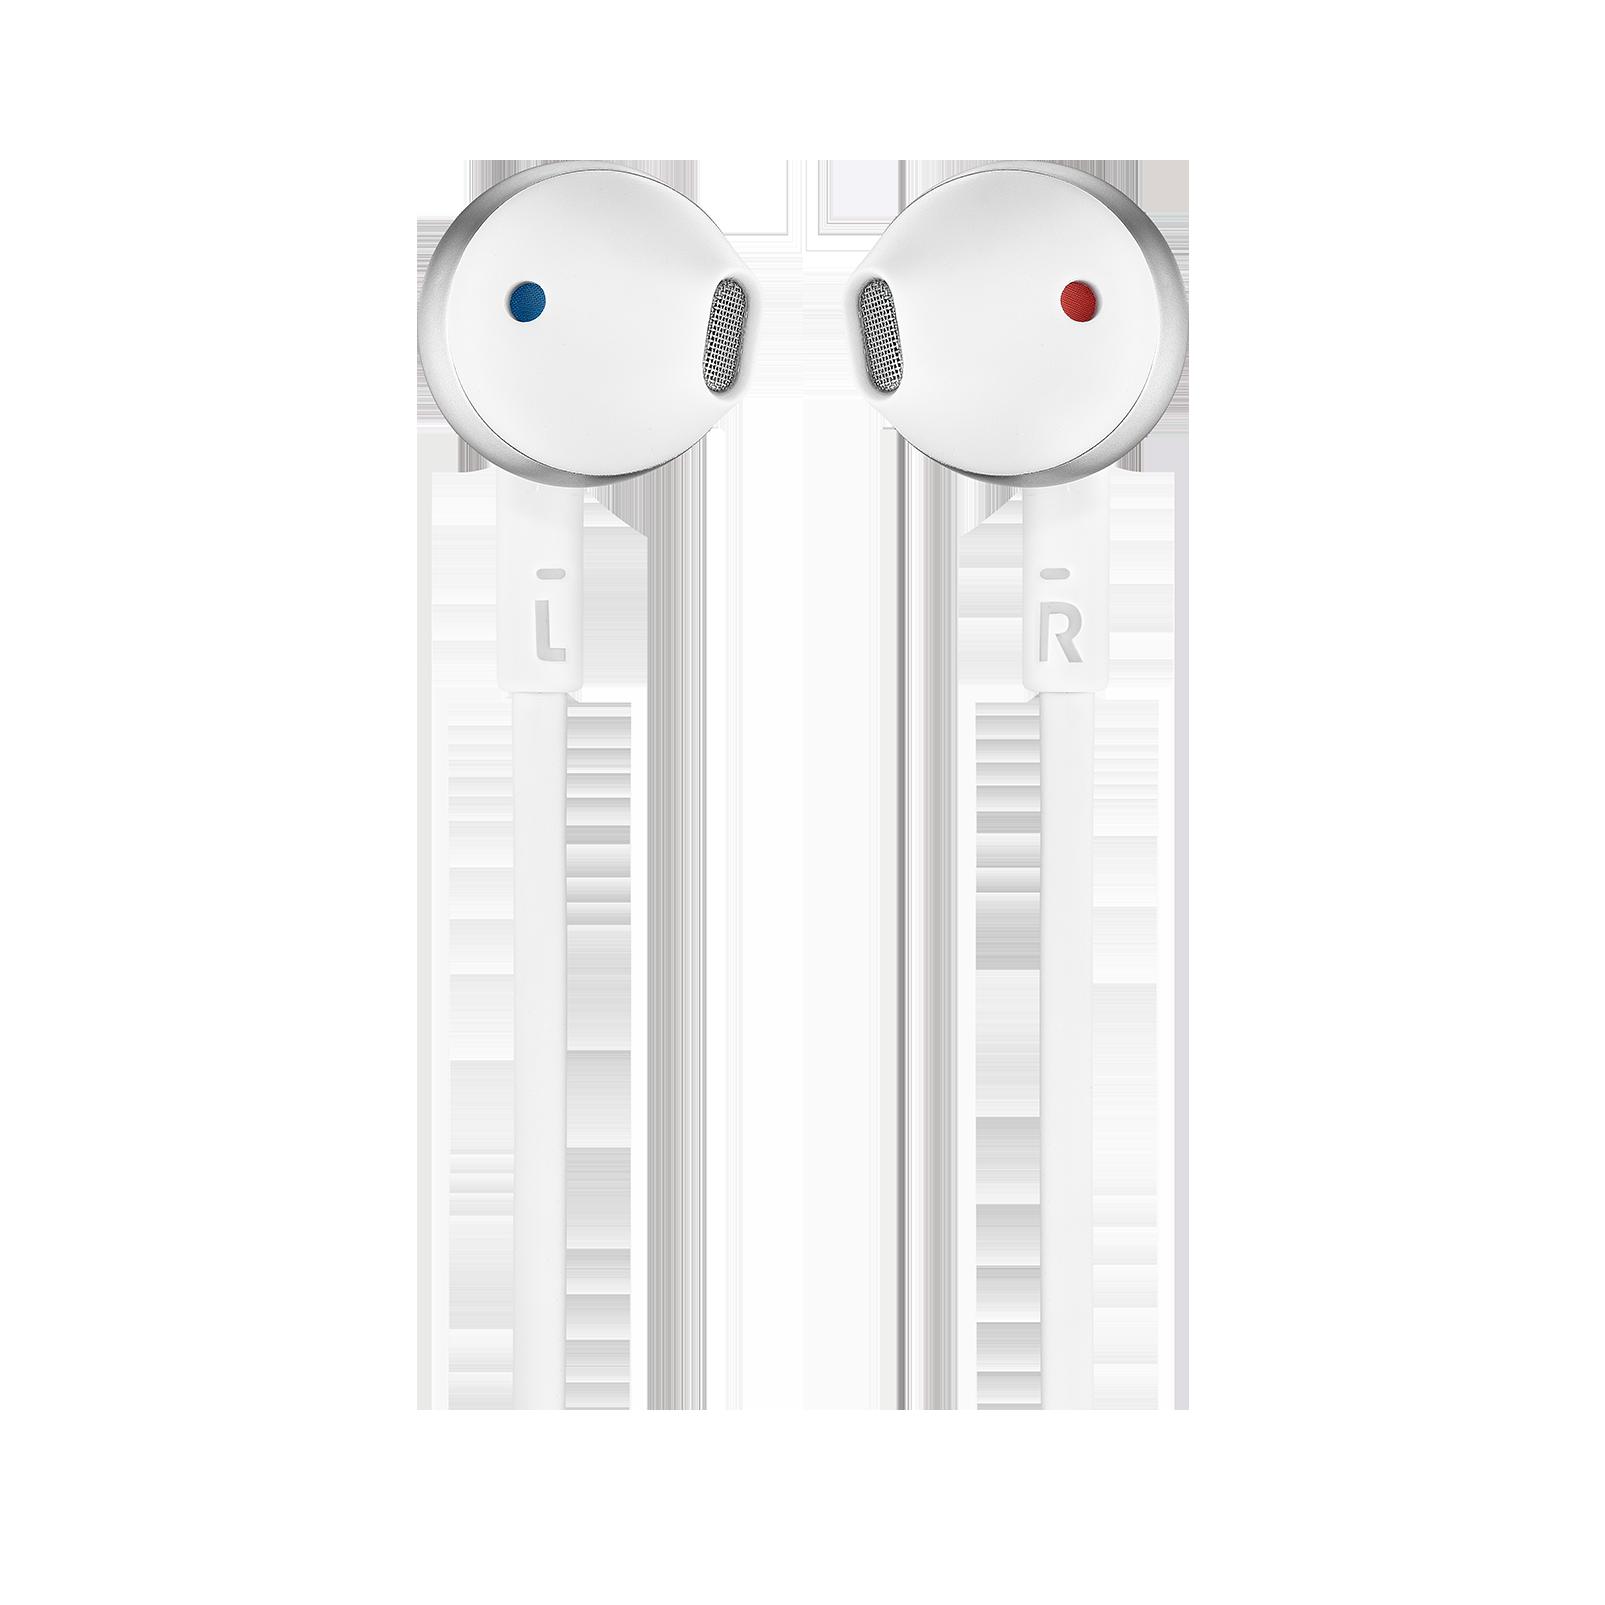 JBL TUNE 205BT - Silver - Wireless Earbud headphones - Front